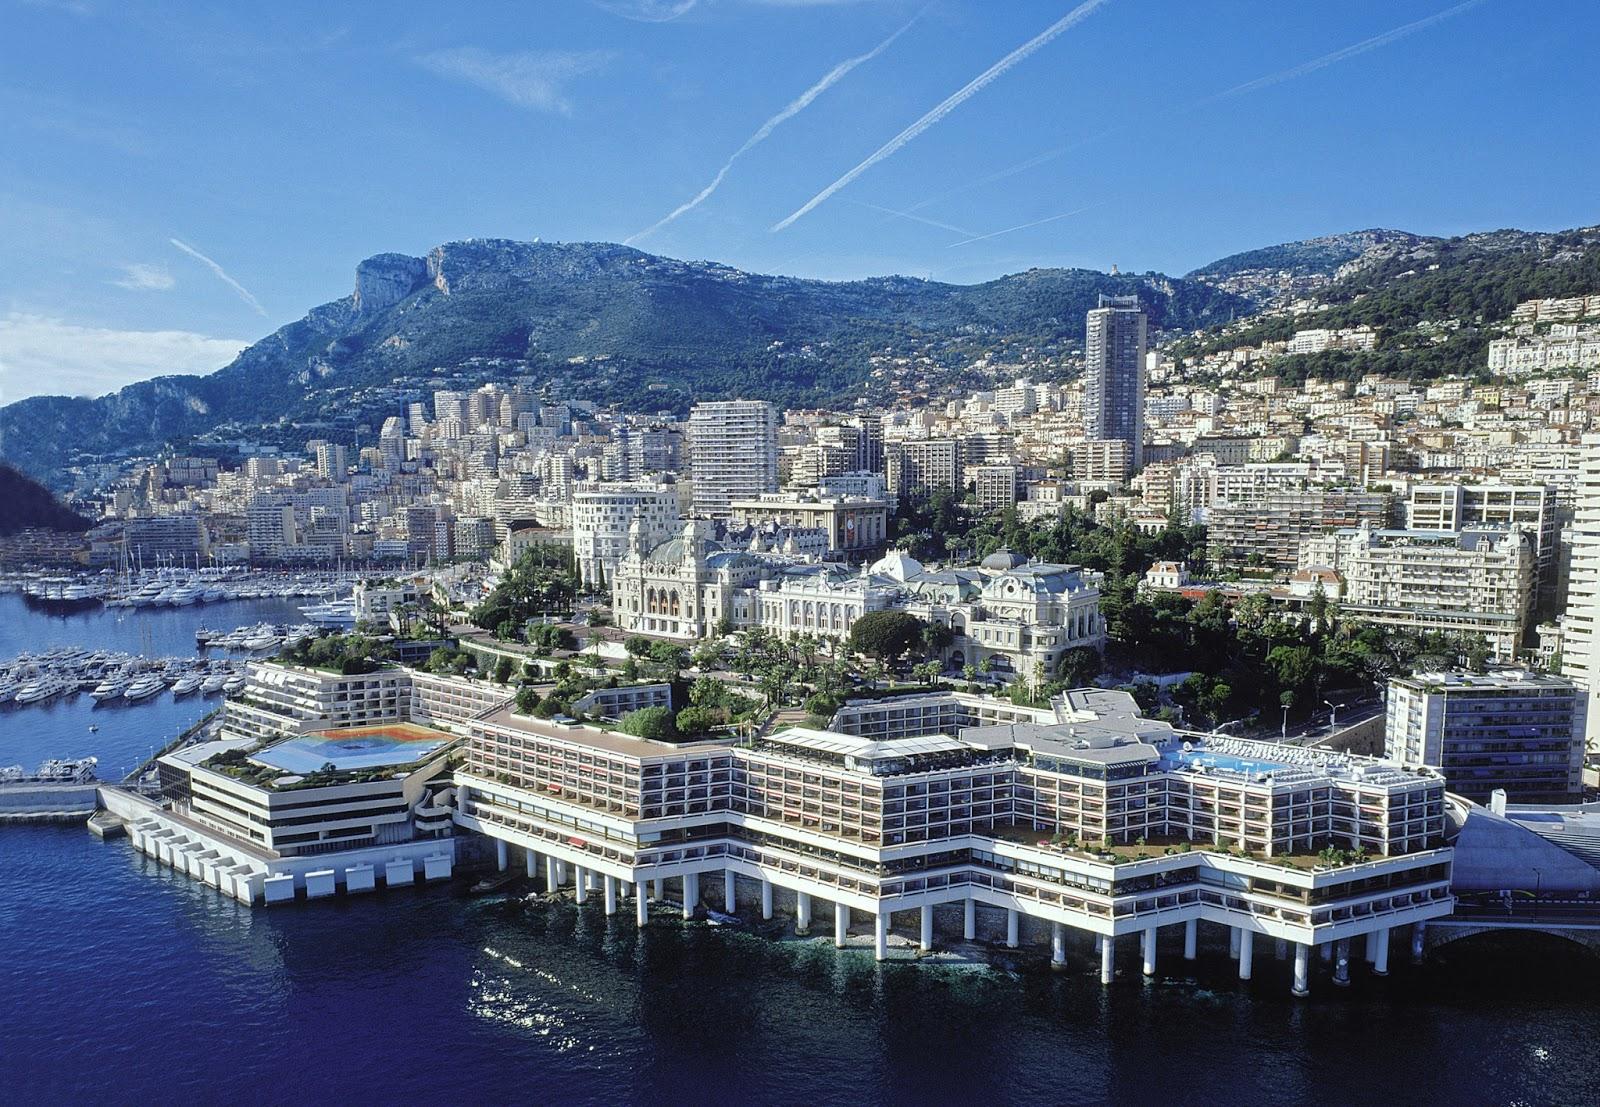 Fairmont Hotel Paris